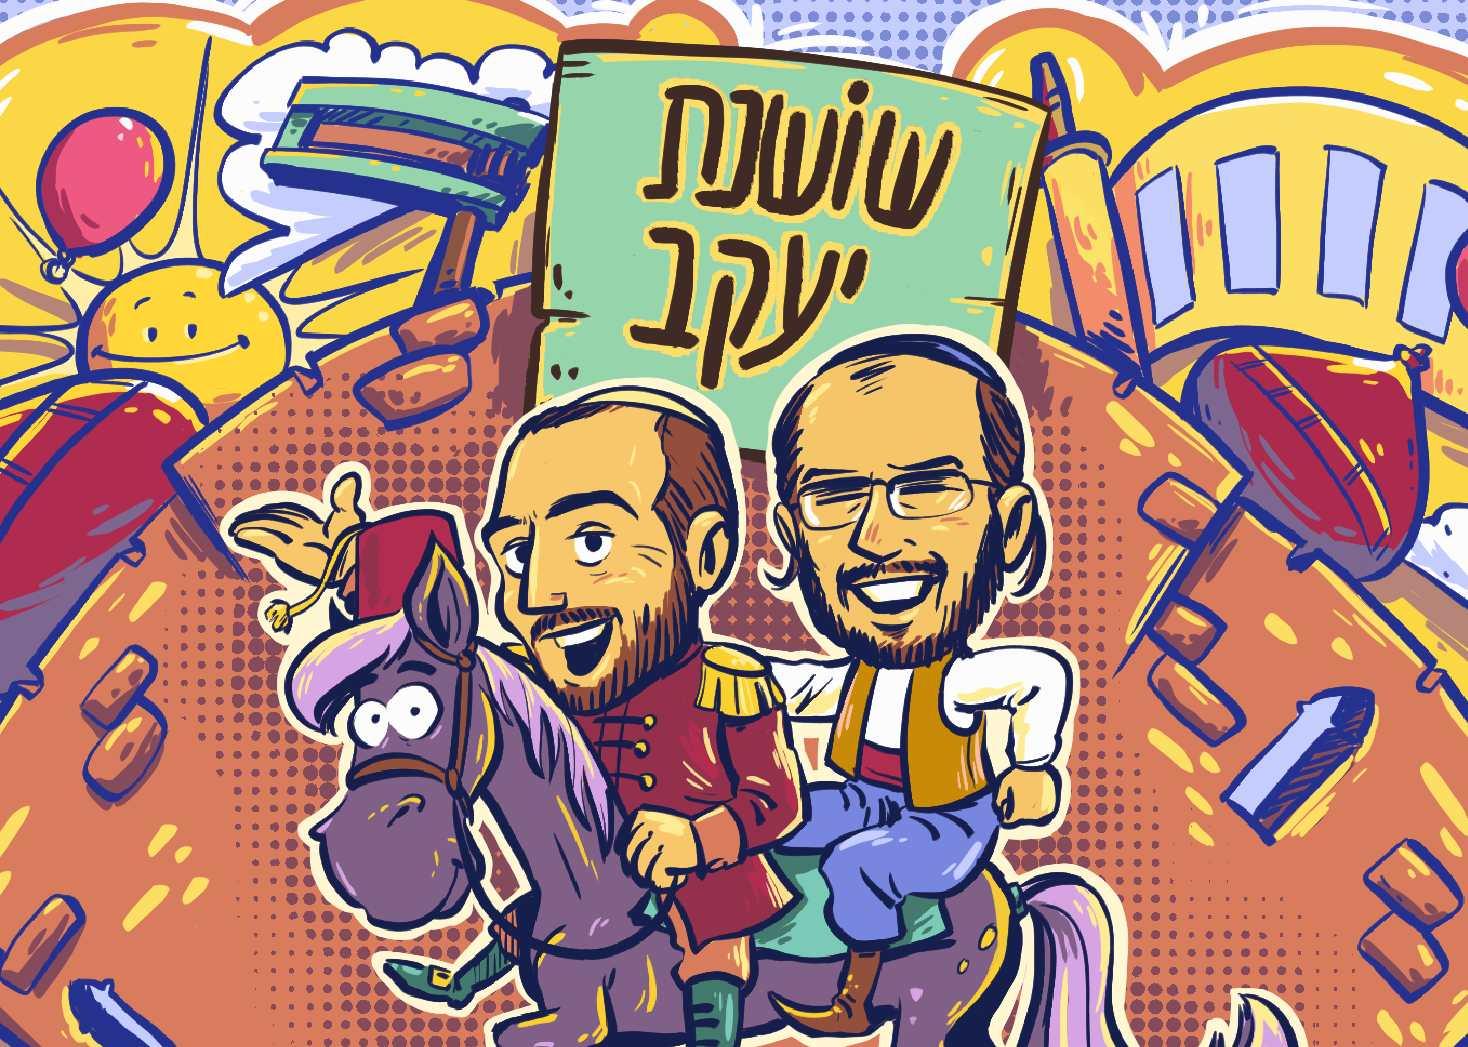 שושנת יעקב - יוחאי בן אבי - תמונת שיר